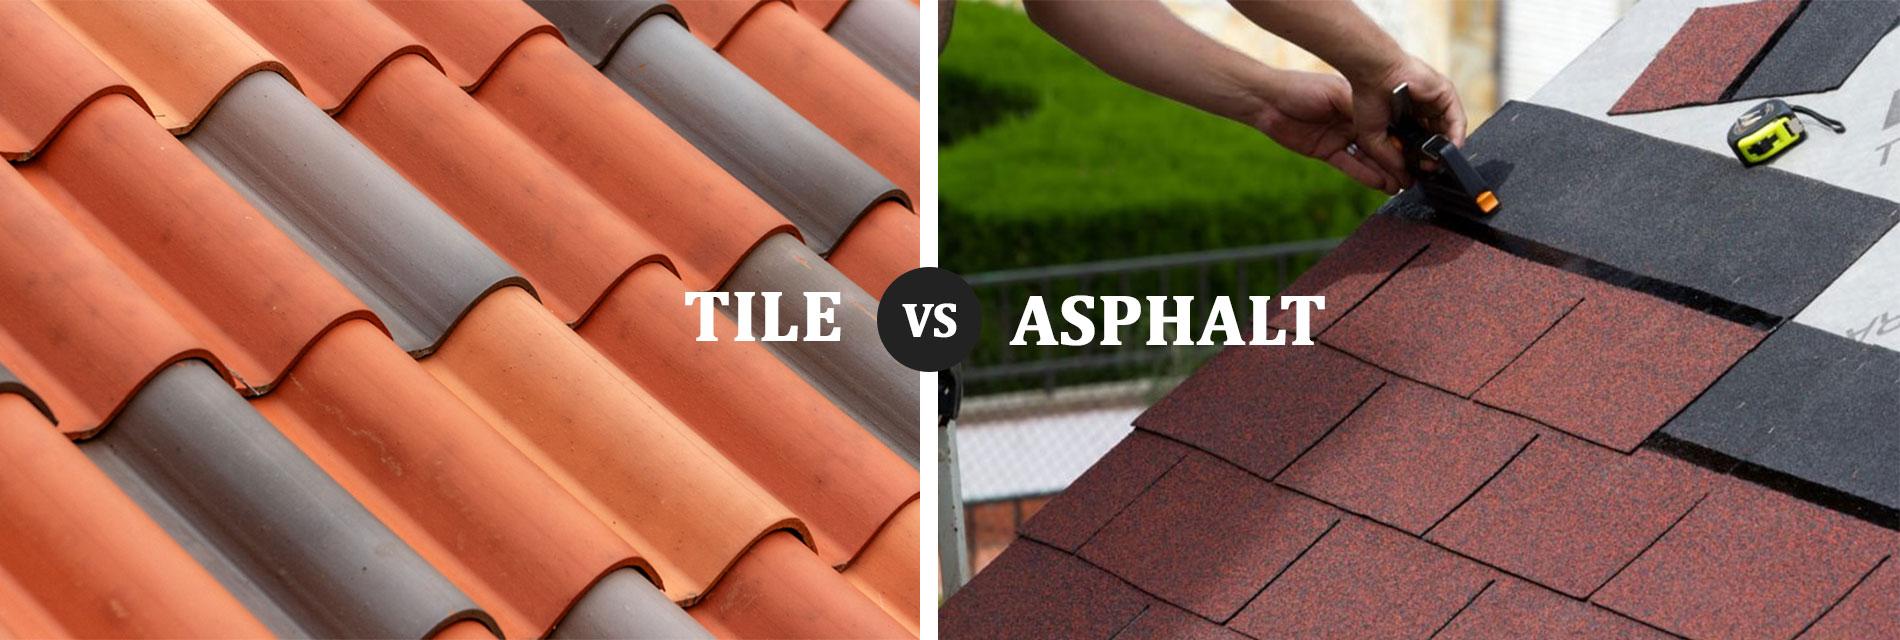 Tile vs Asphalt shingles in San Antonio